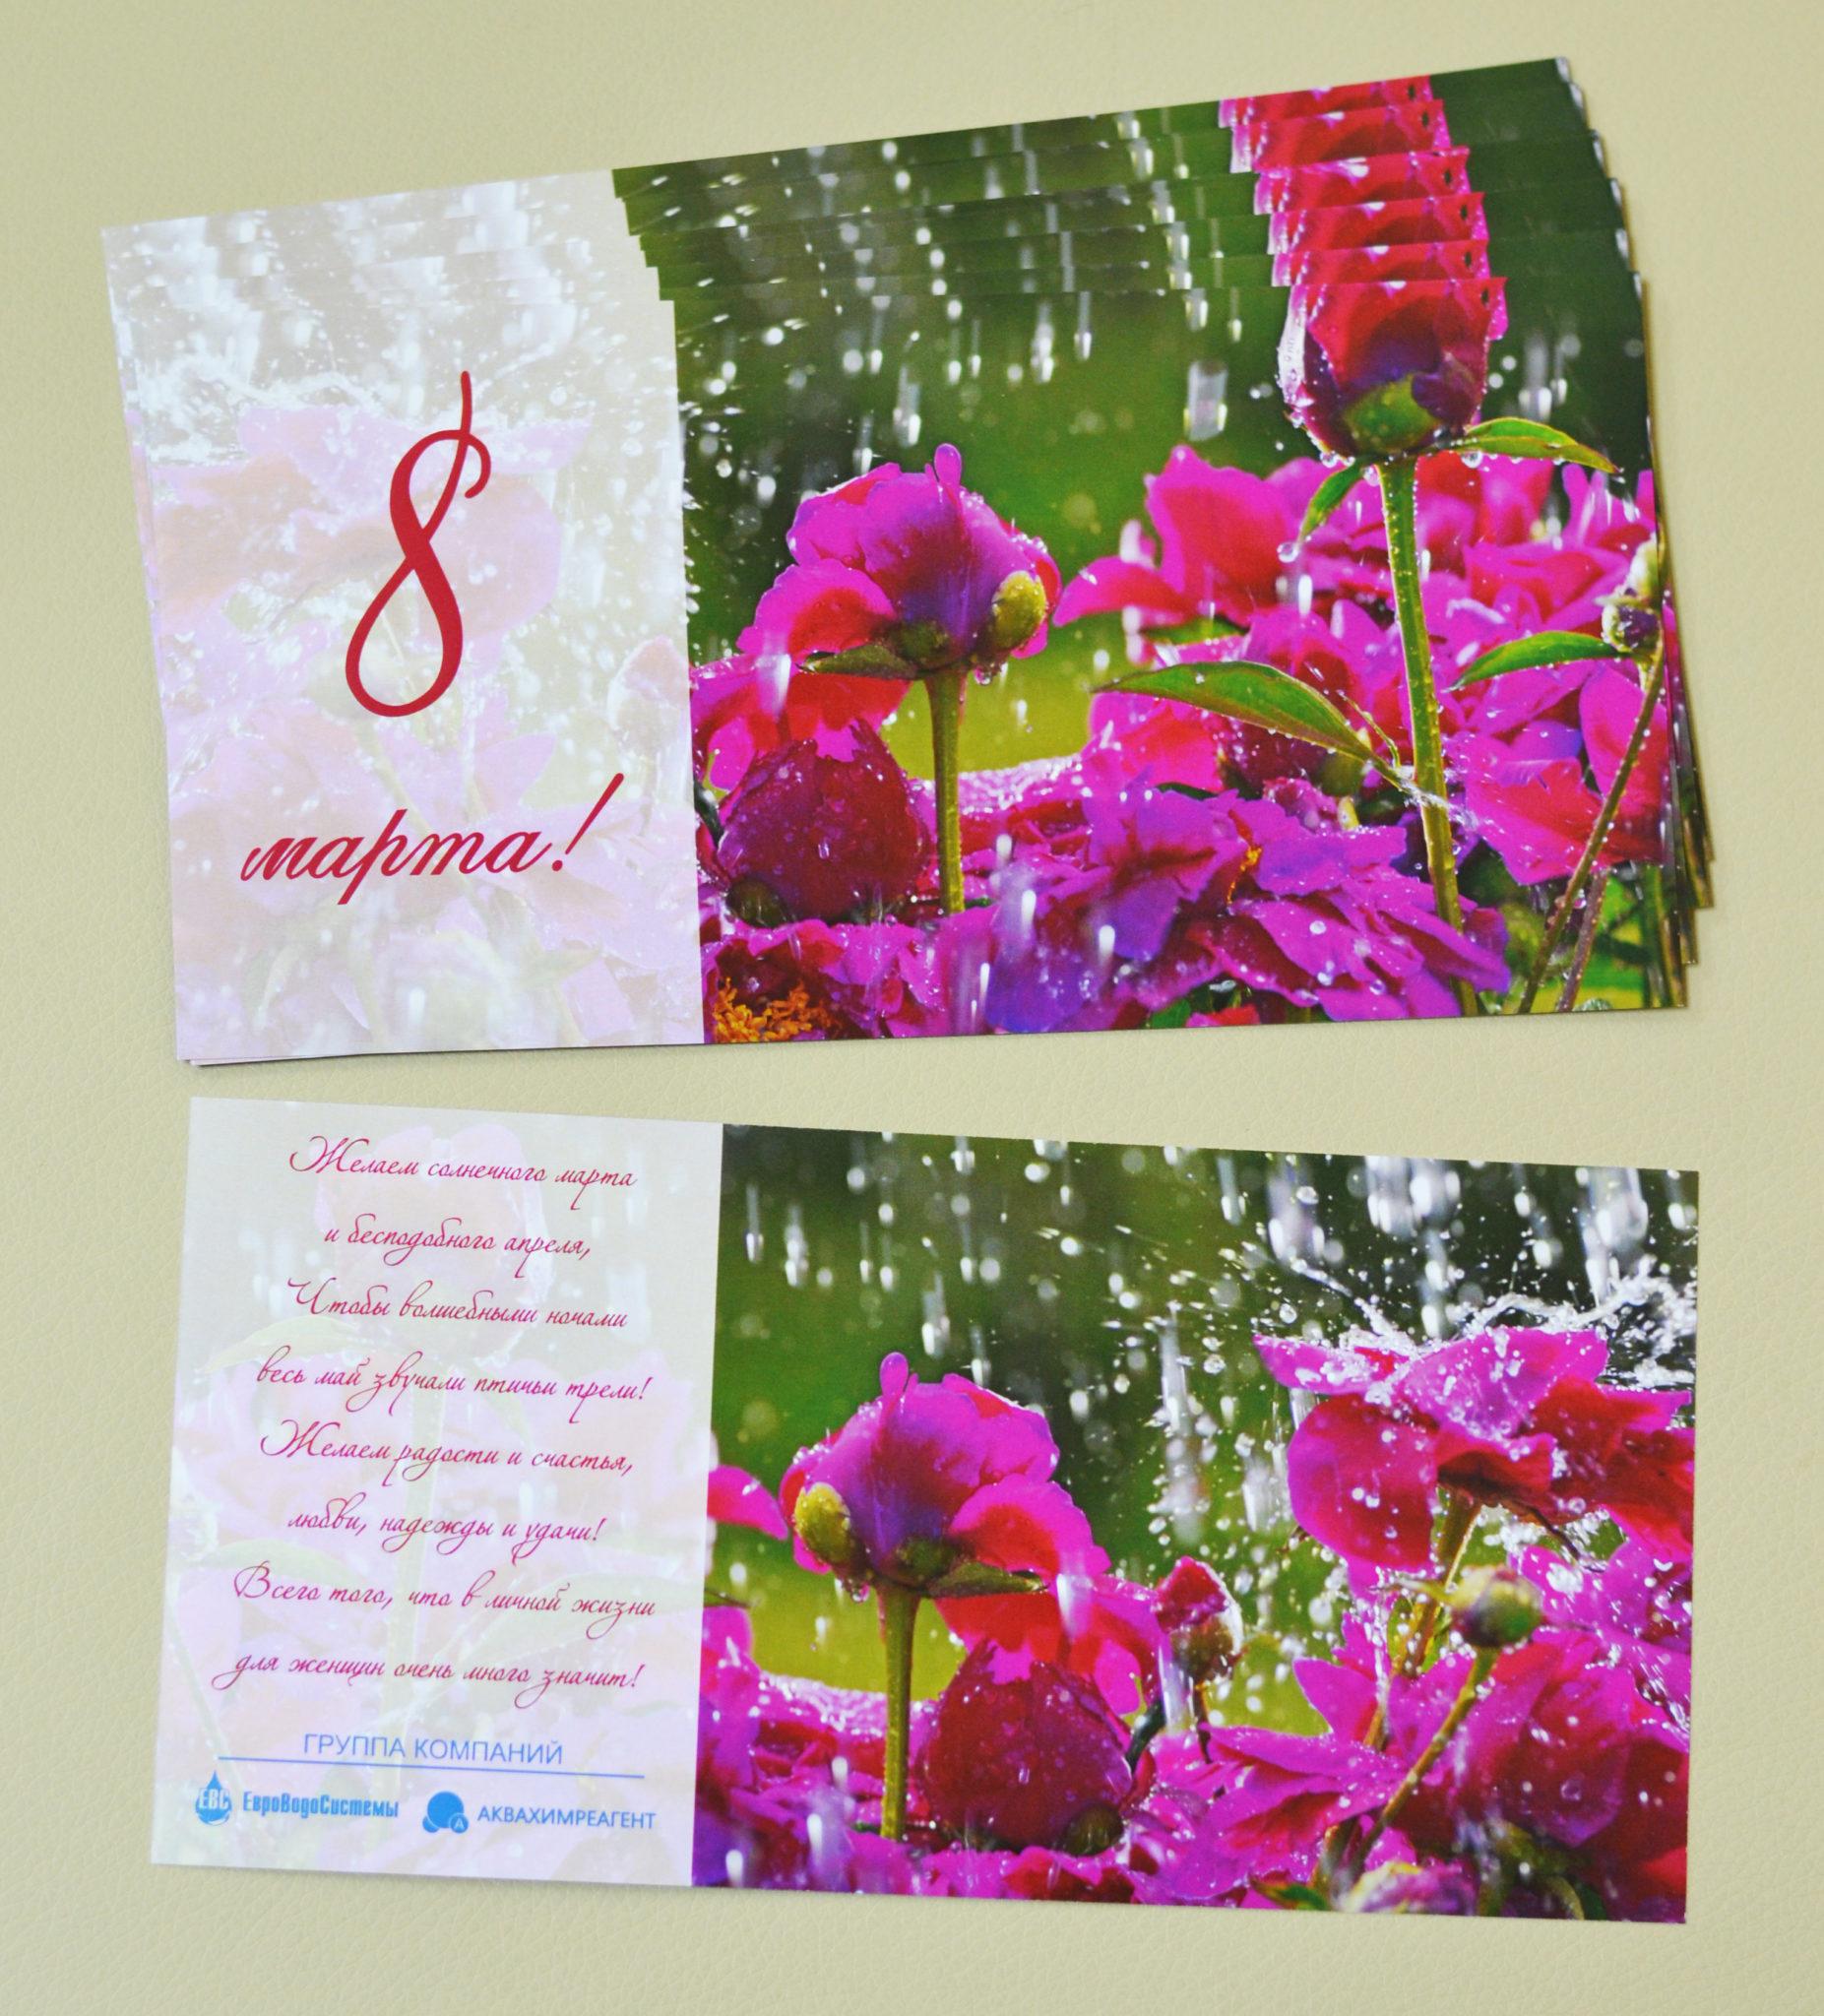 Печать открыток изготовление открыток на заказ - Принтомат 10